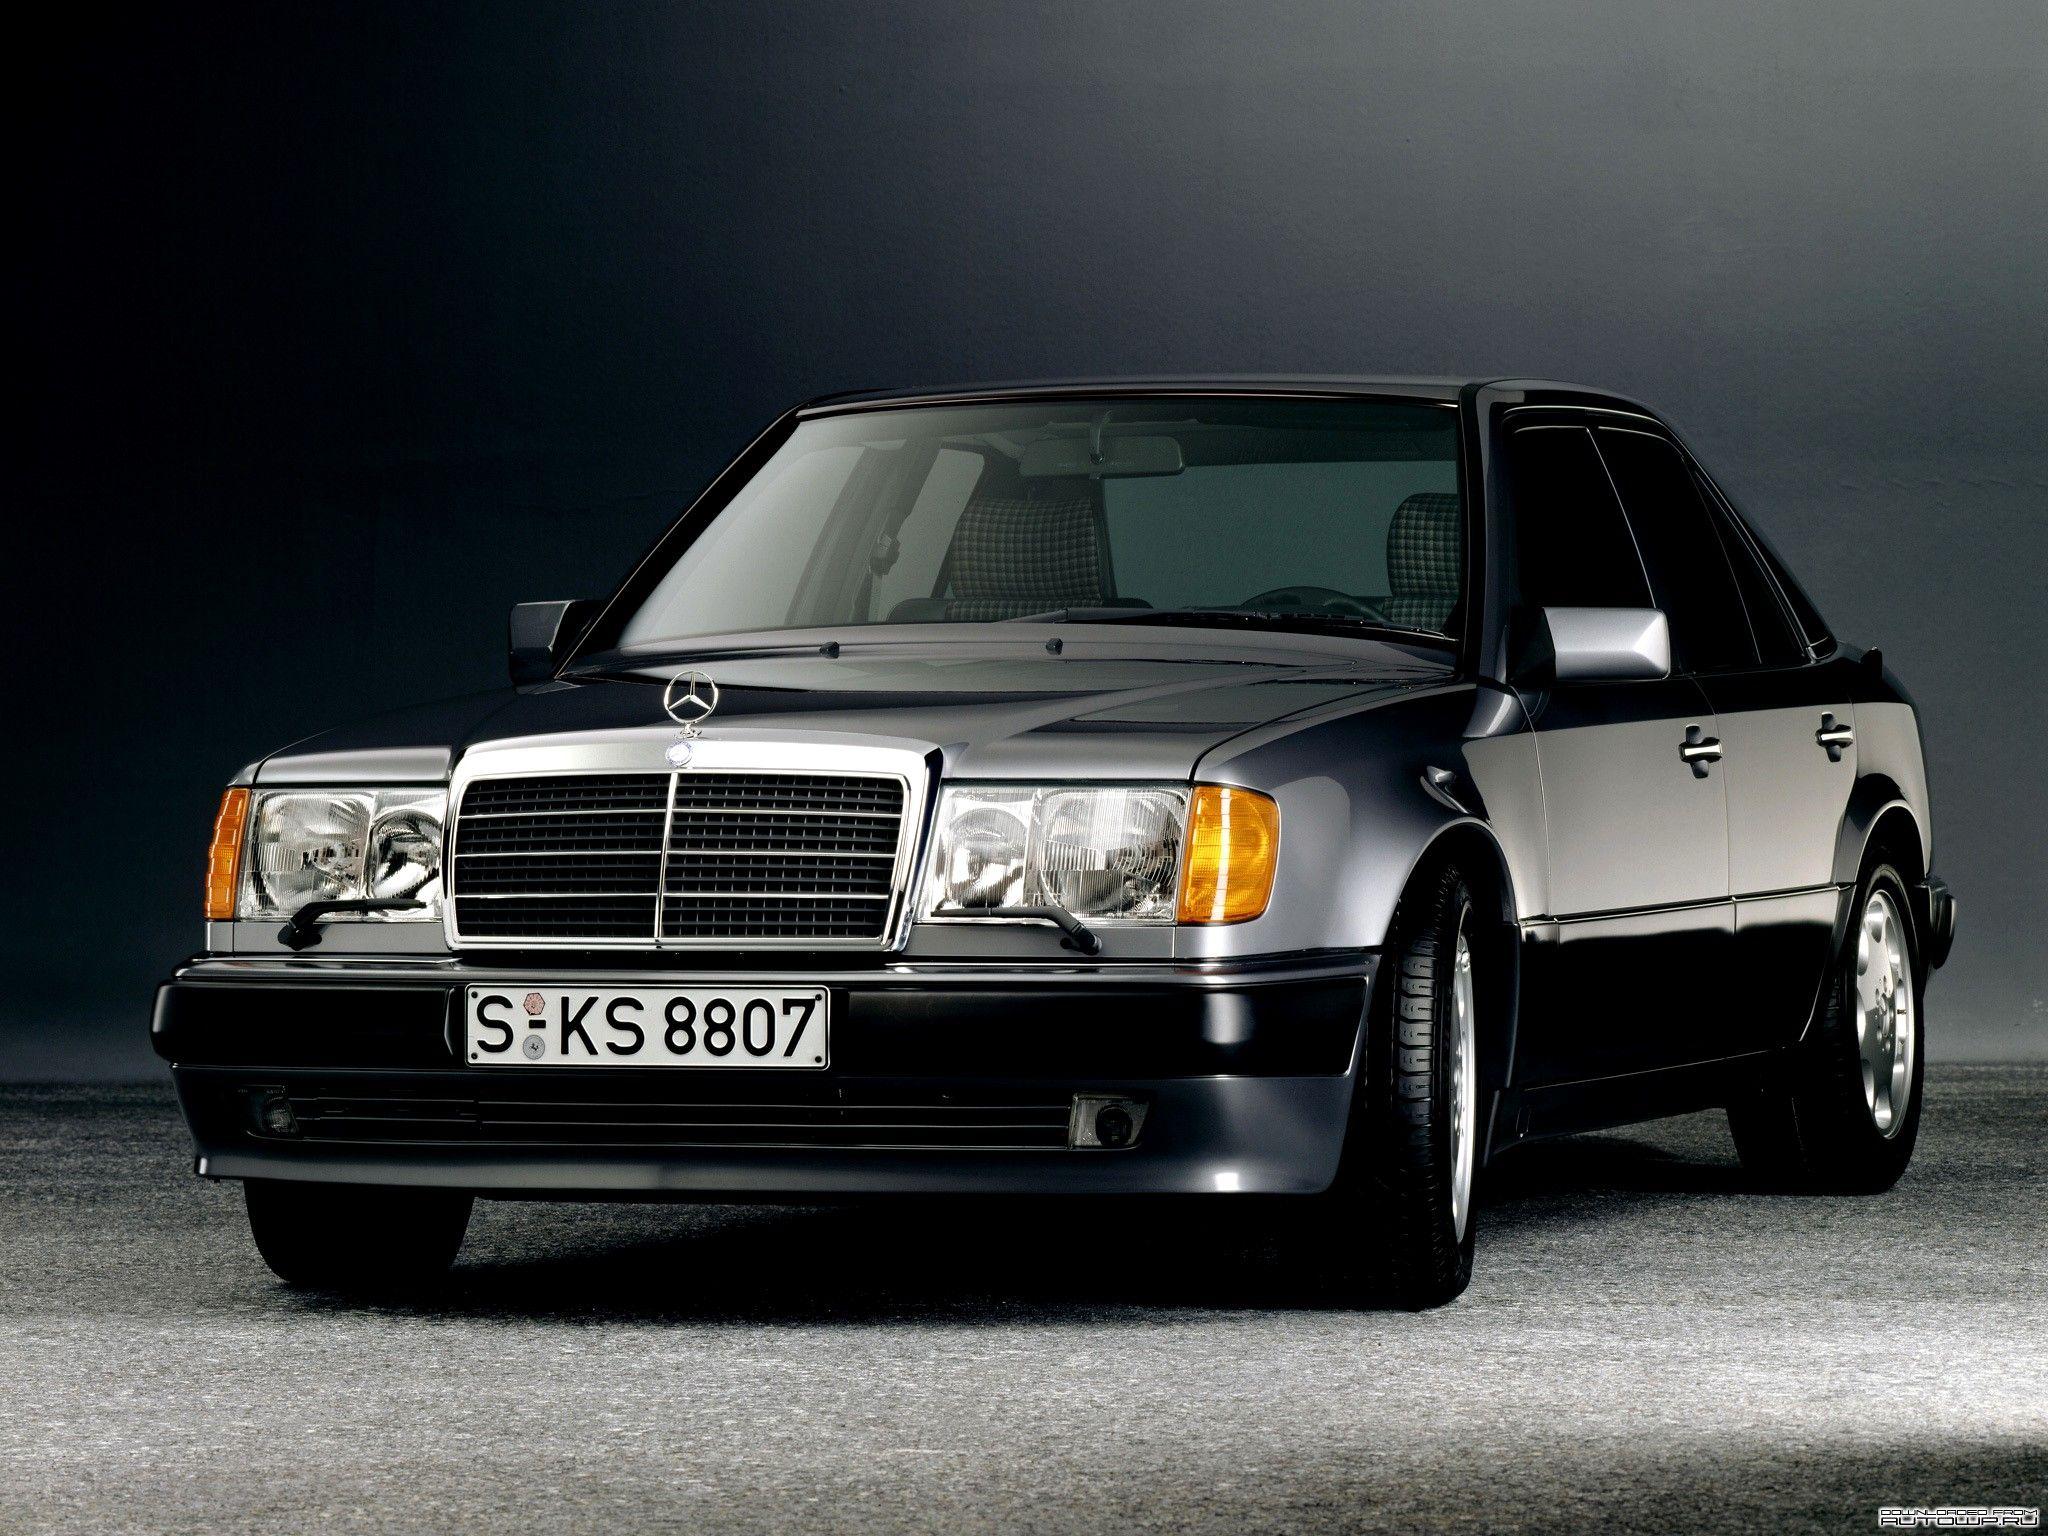 Mercedes Benz W124 Wallpapers Hd Download Dengan Gambar Mobil